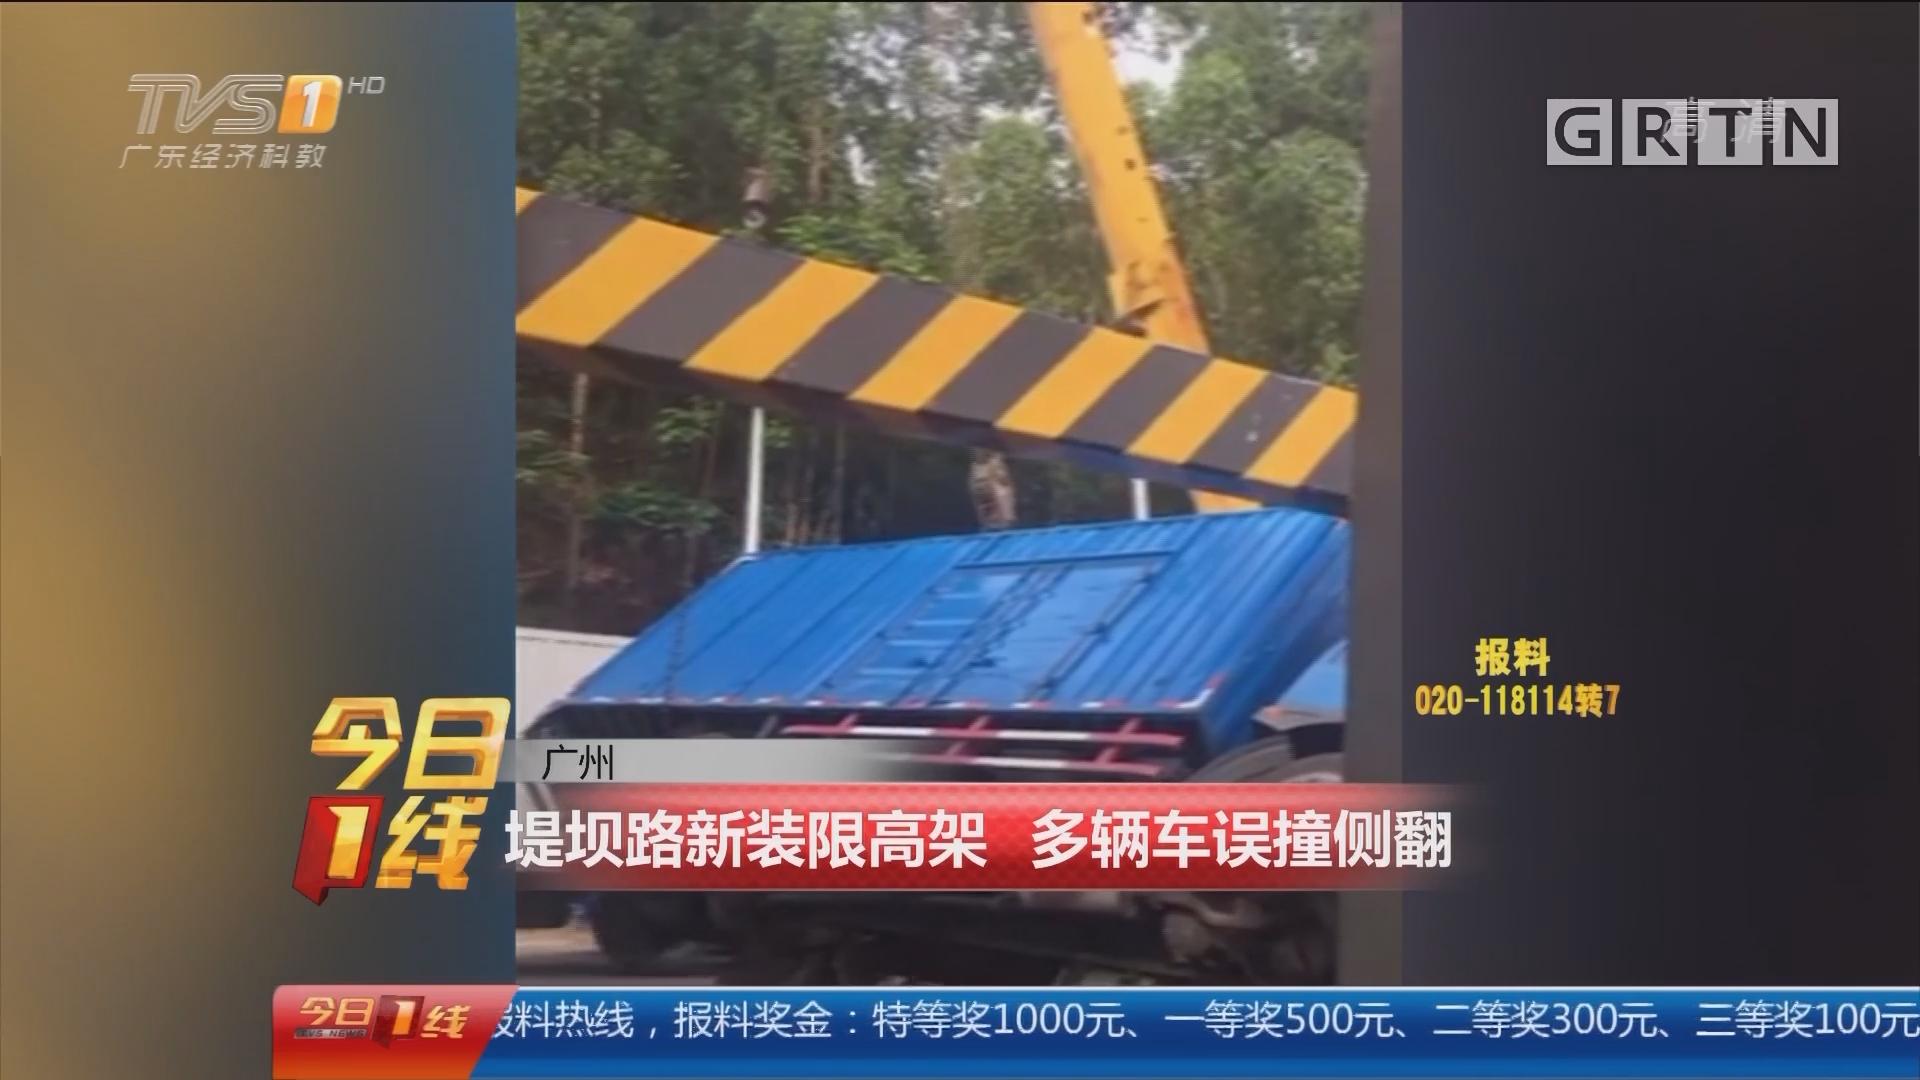 广州:堤坝路新装限高架 多辆车误撞侧翻